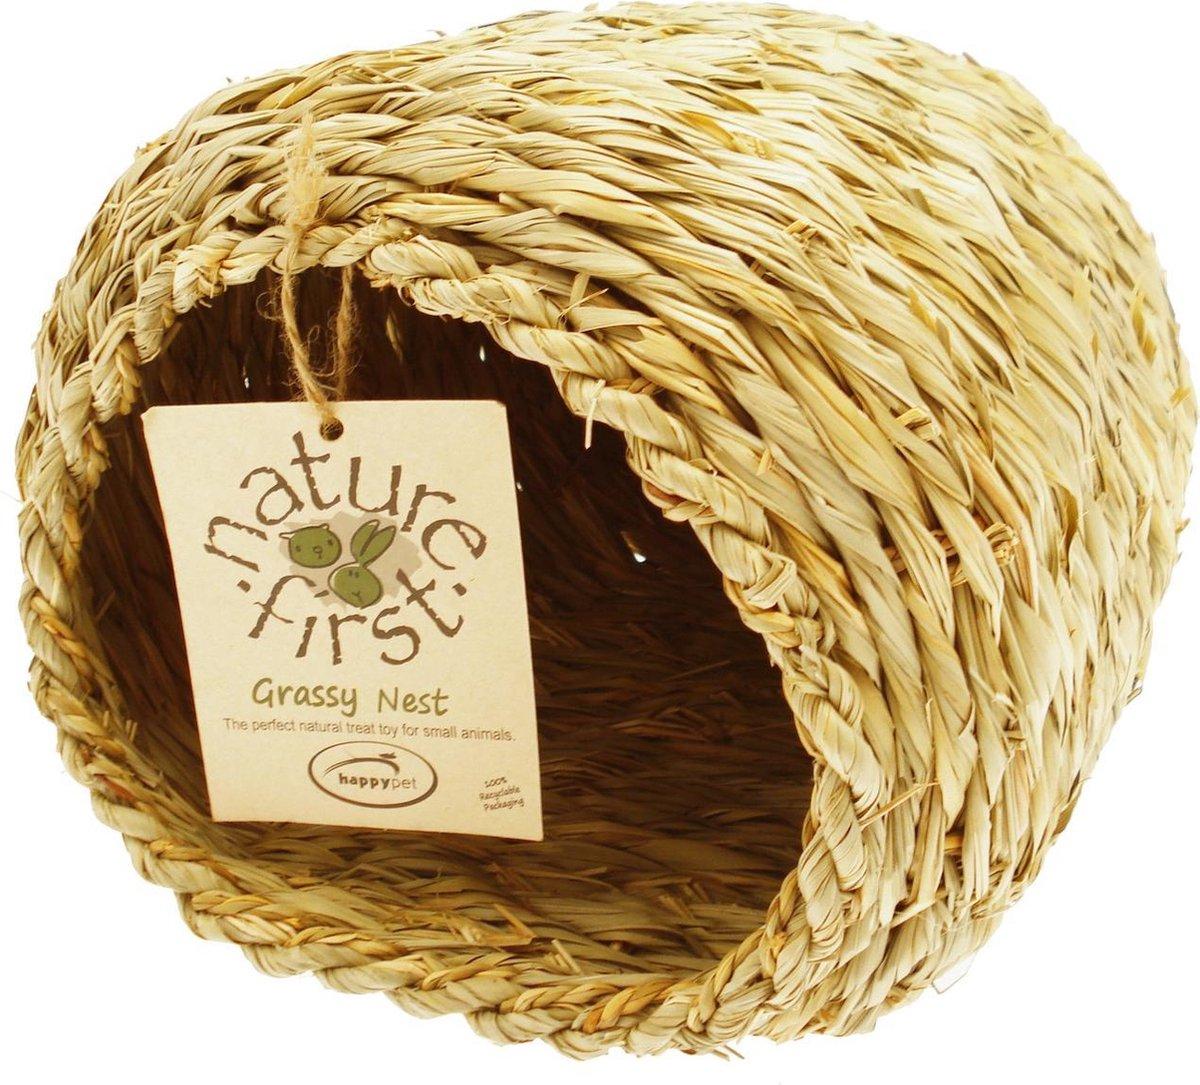 Happy Pet Grassy Nest - Nestplekje voor dieren - Bruin - 24 cm - Happy Pet